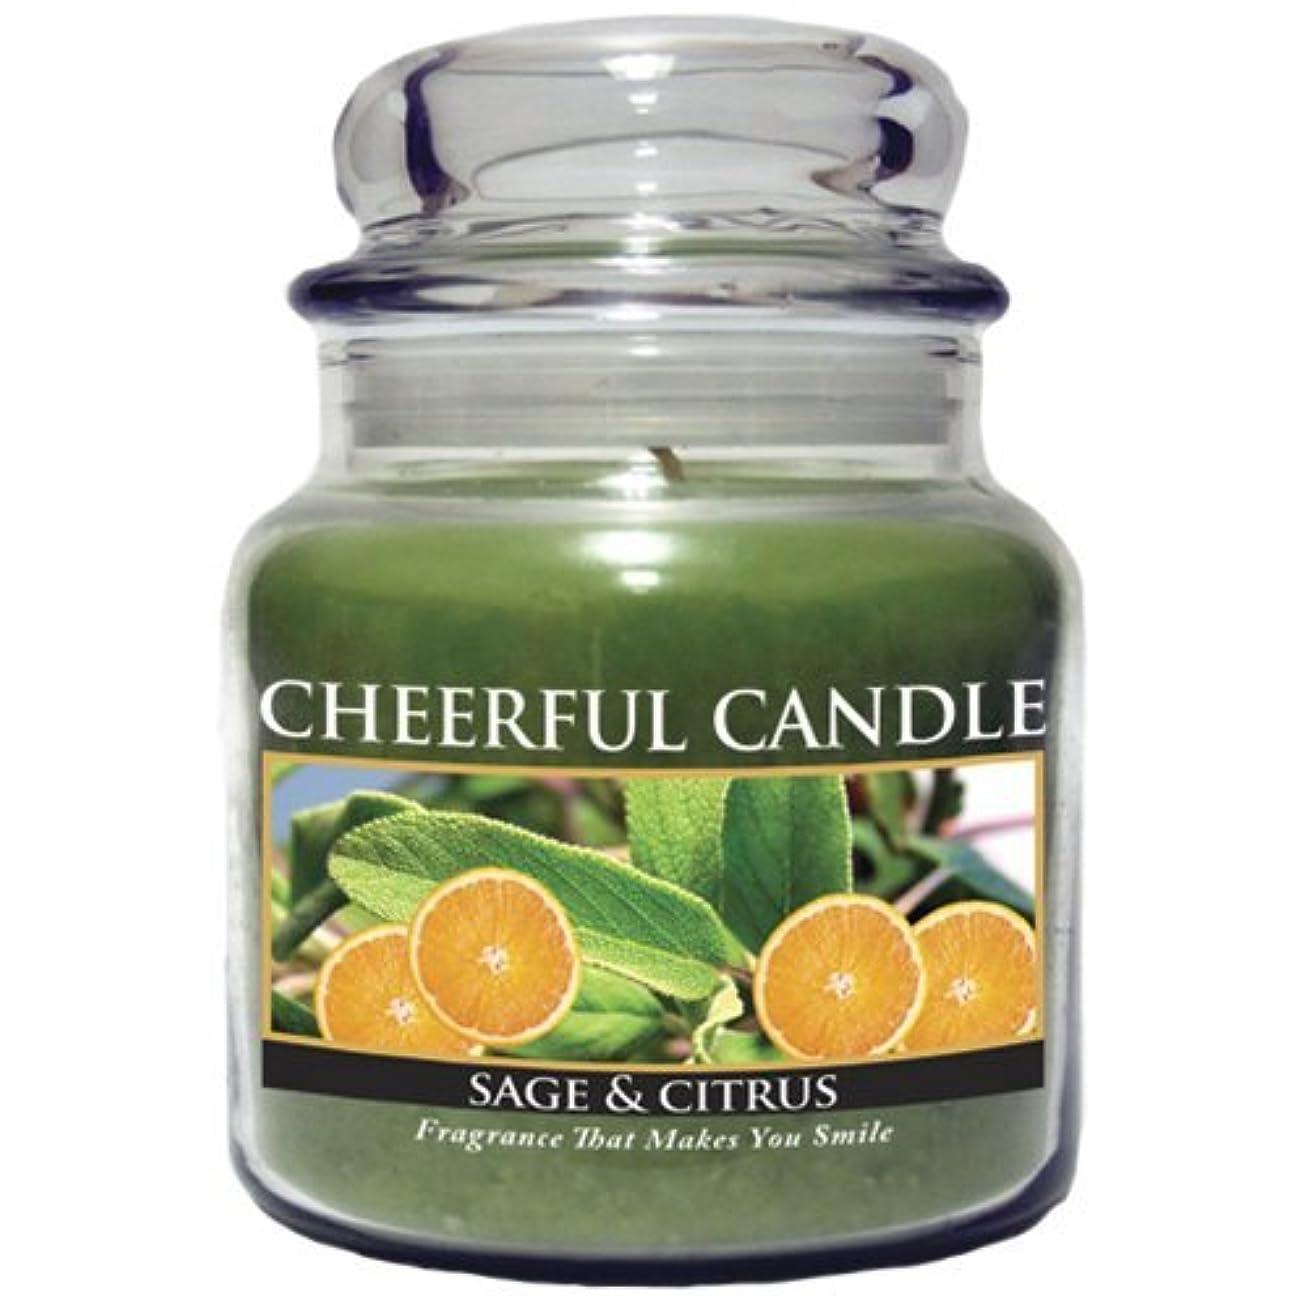 降下枯れる不毛のA Cheerful Giver Sage and Citrus Jar Candle, 16-Ounce [並行輸入品]